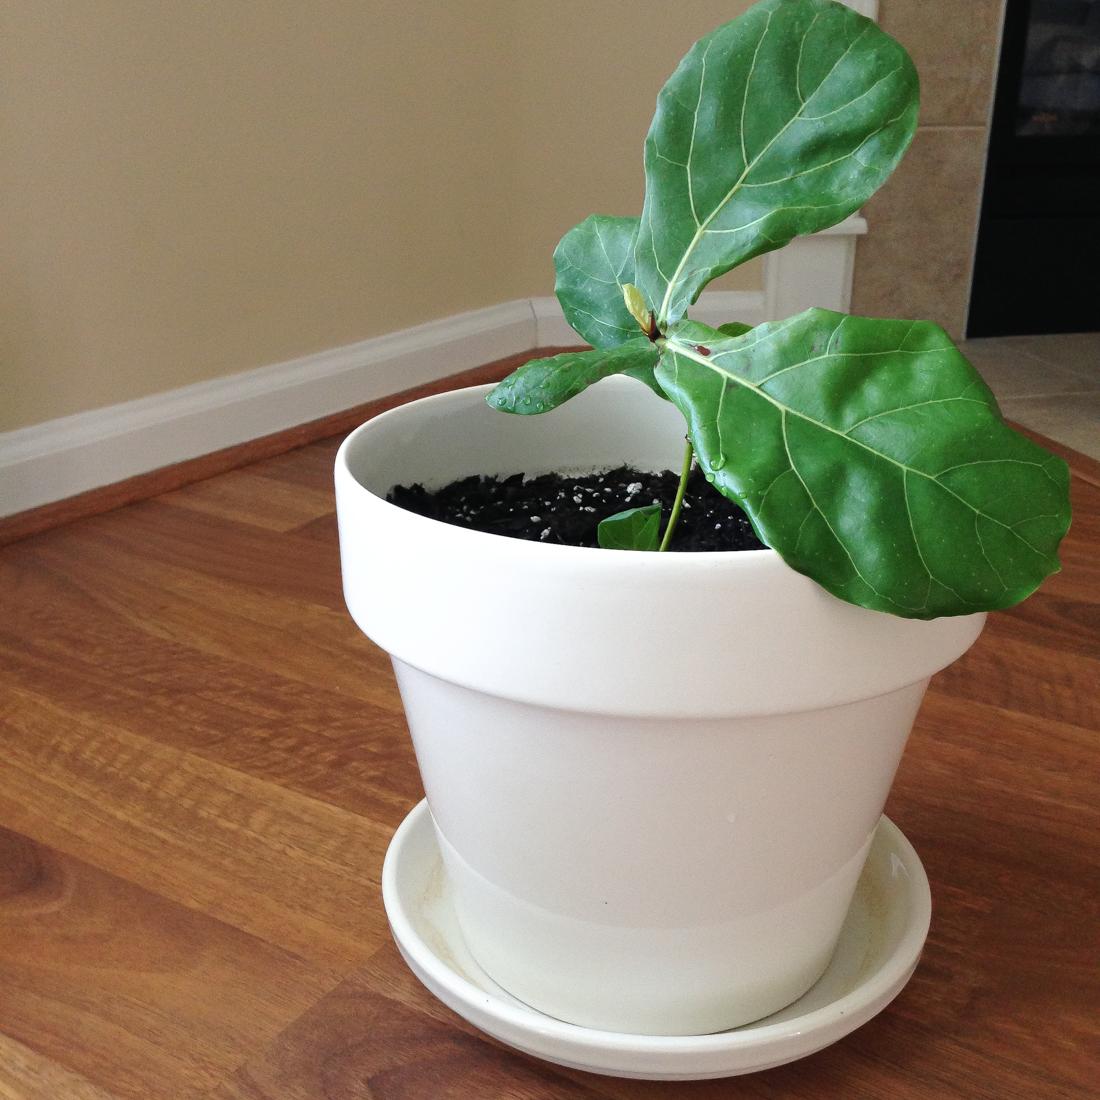 Baby Fiddle Leaf Fig Fresh